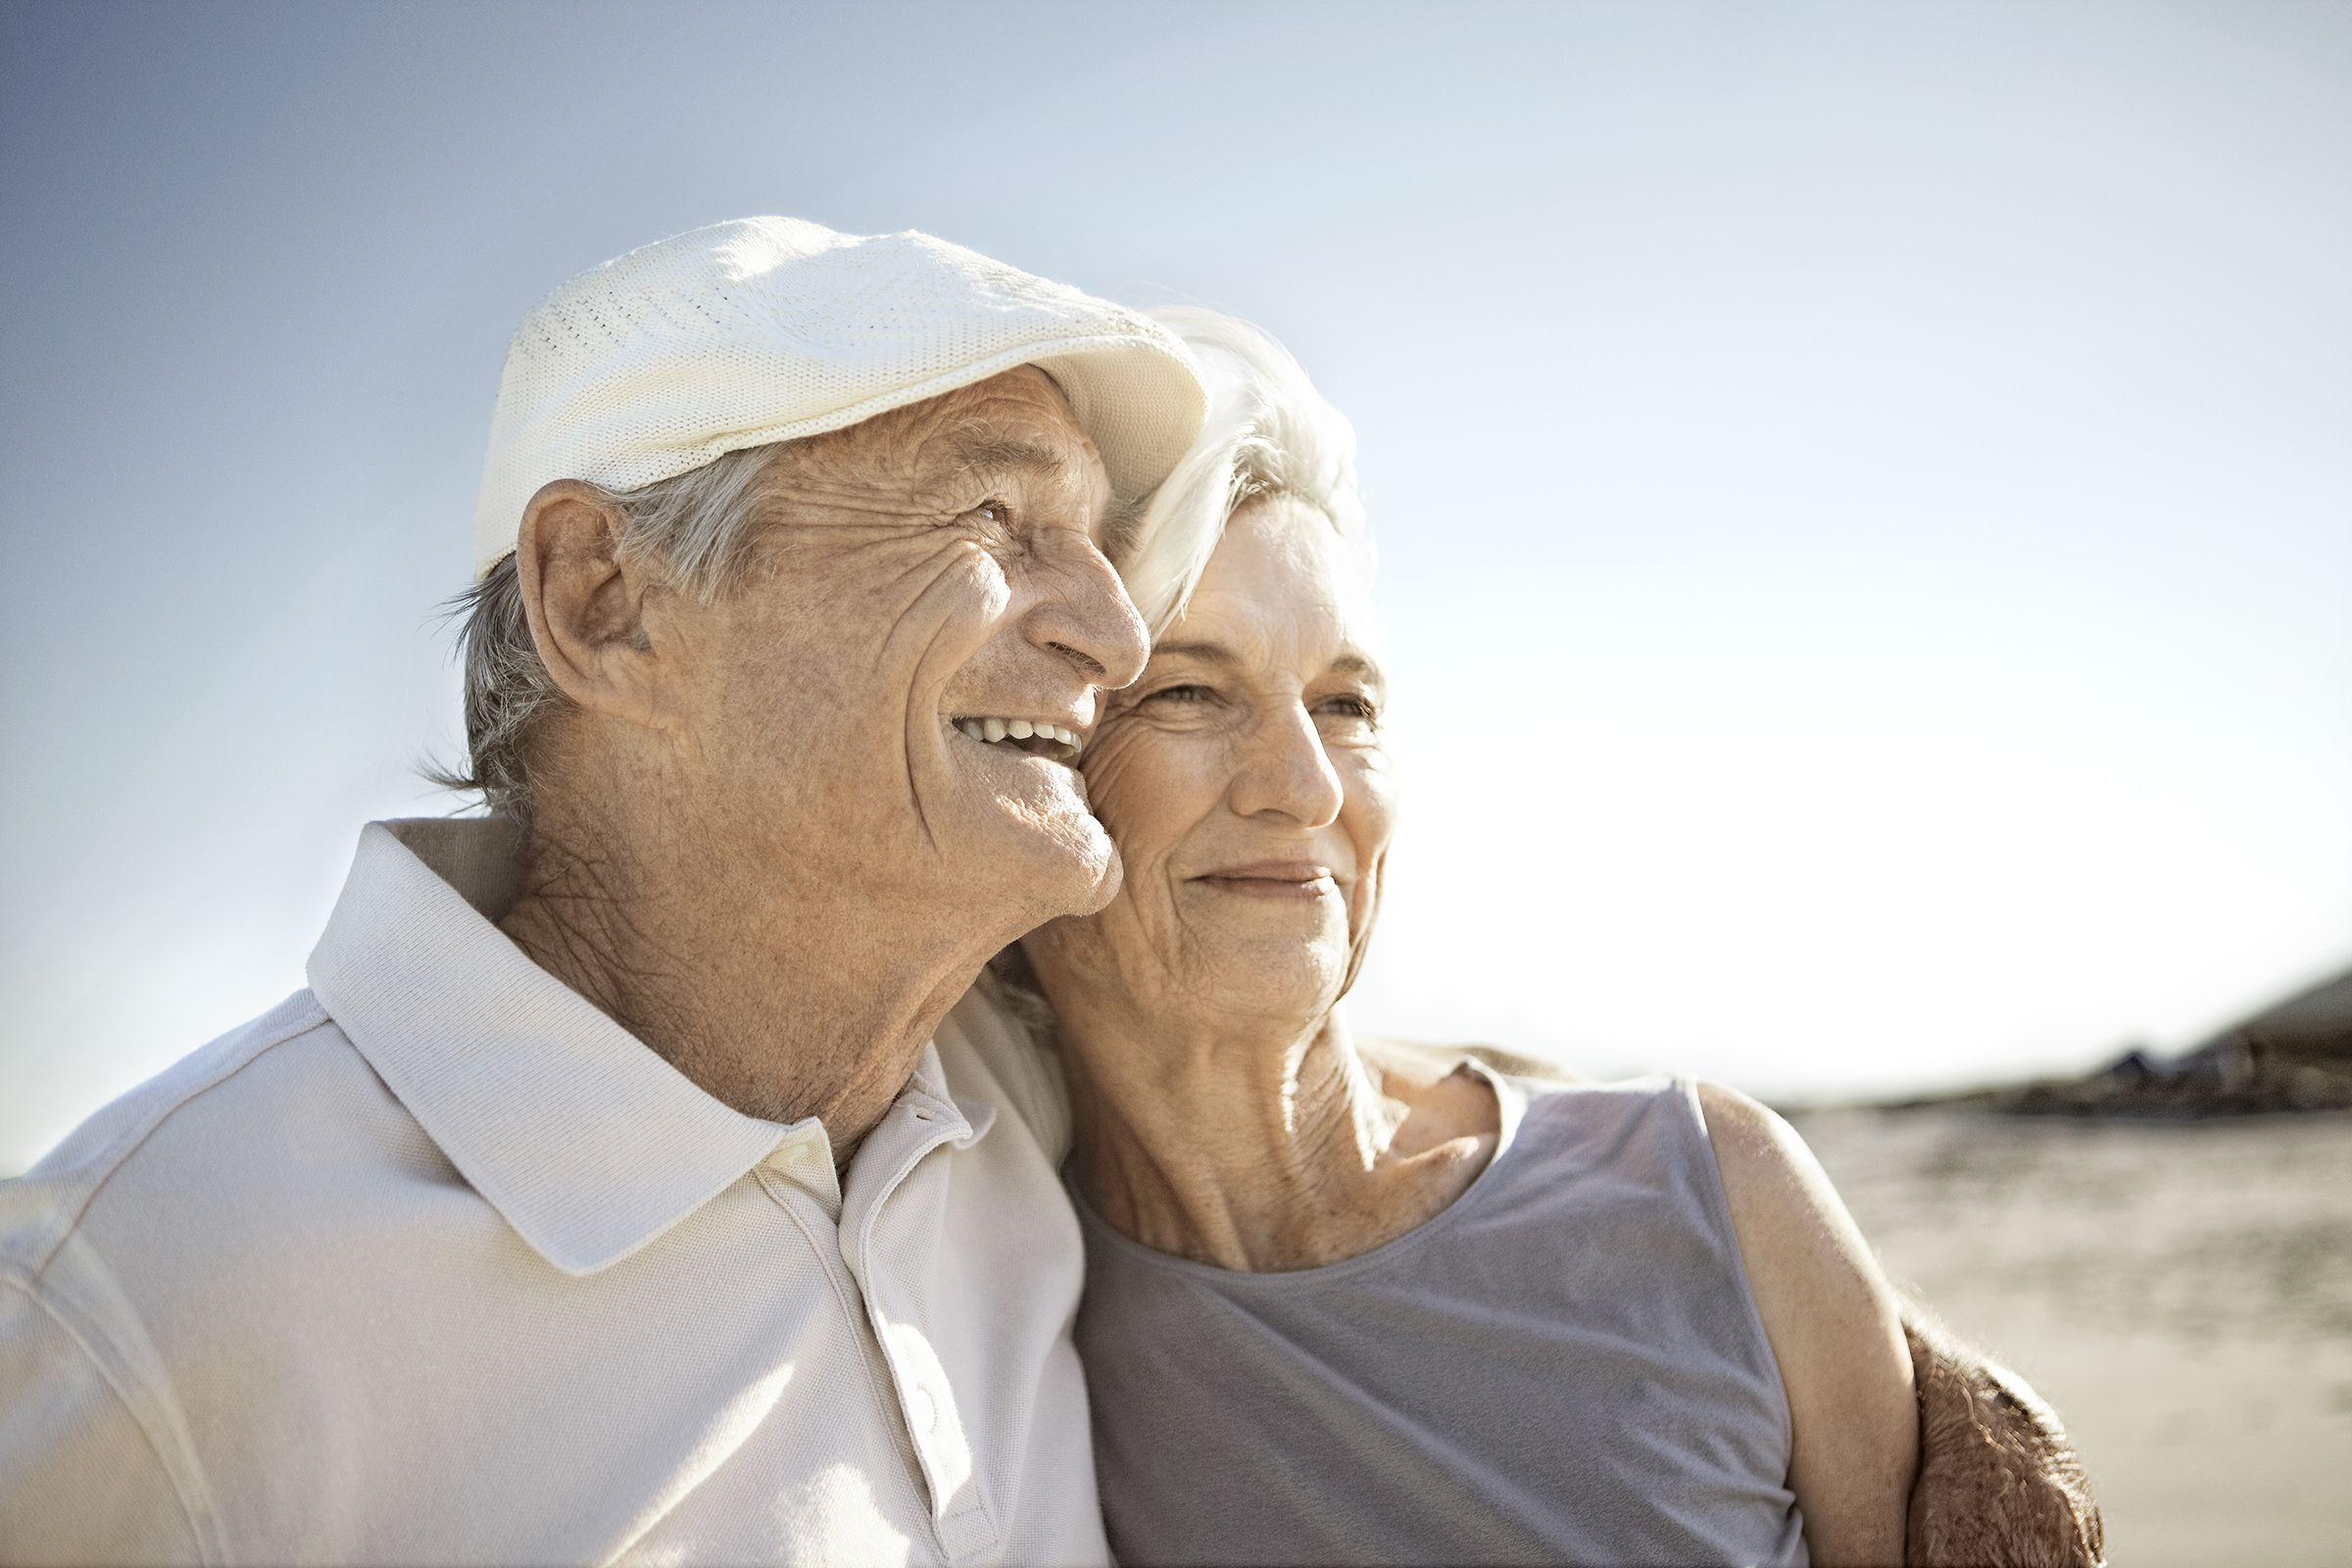 Ученые обнародовали, в каком месяце рождается больше всего долгожителей